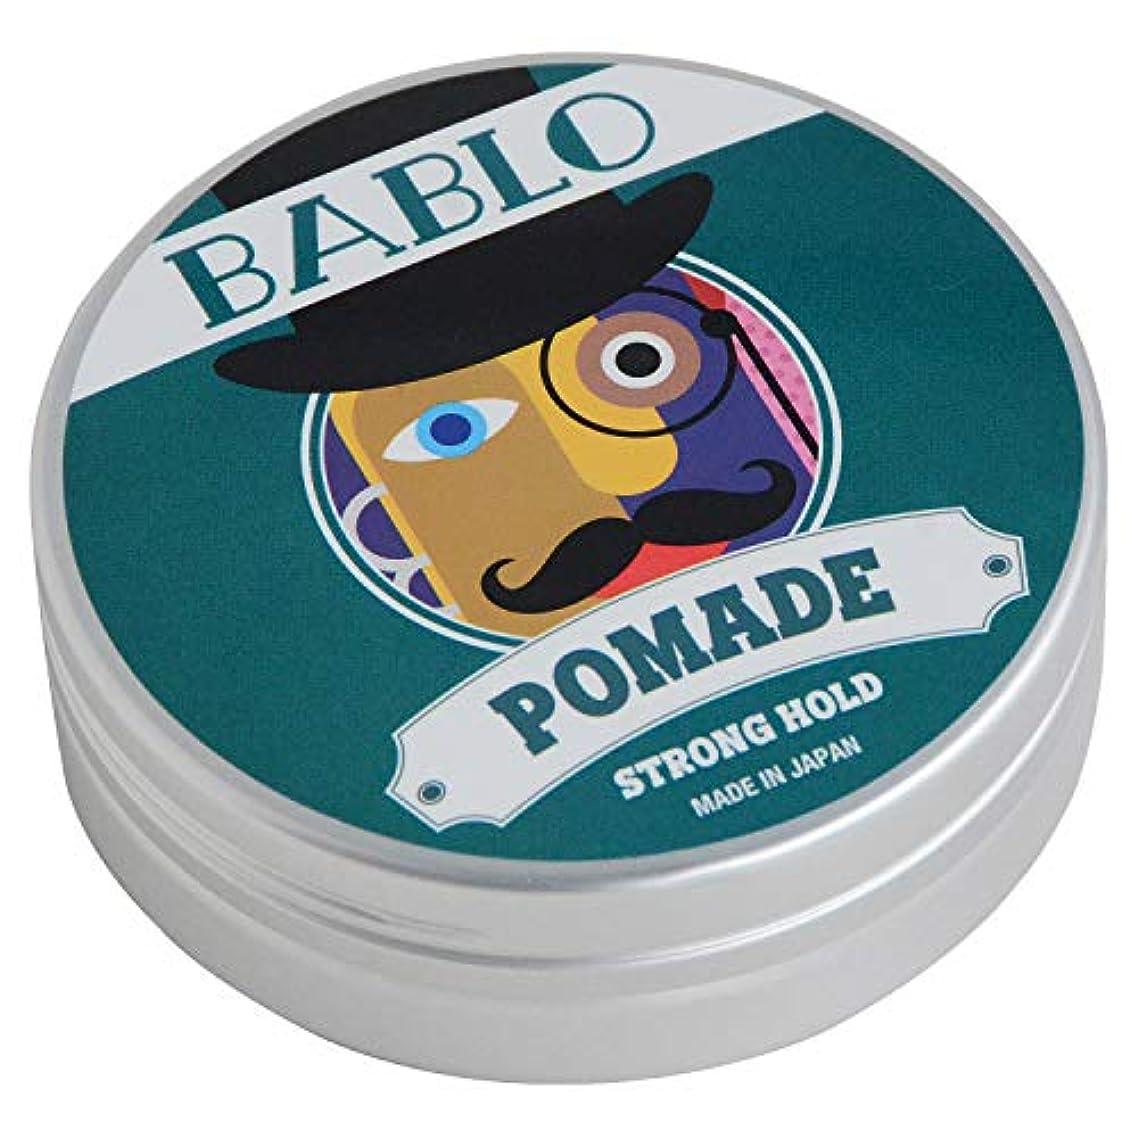 素敵なランプ反論バブロ ポマード(BABLO POMADE) ストロング ホールド メンズ 整髪料 水性 ヘアグリース 130g